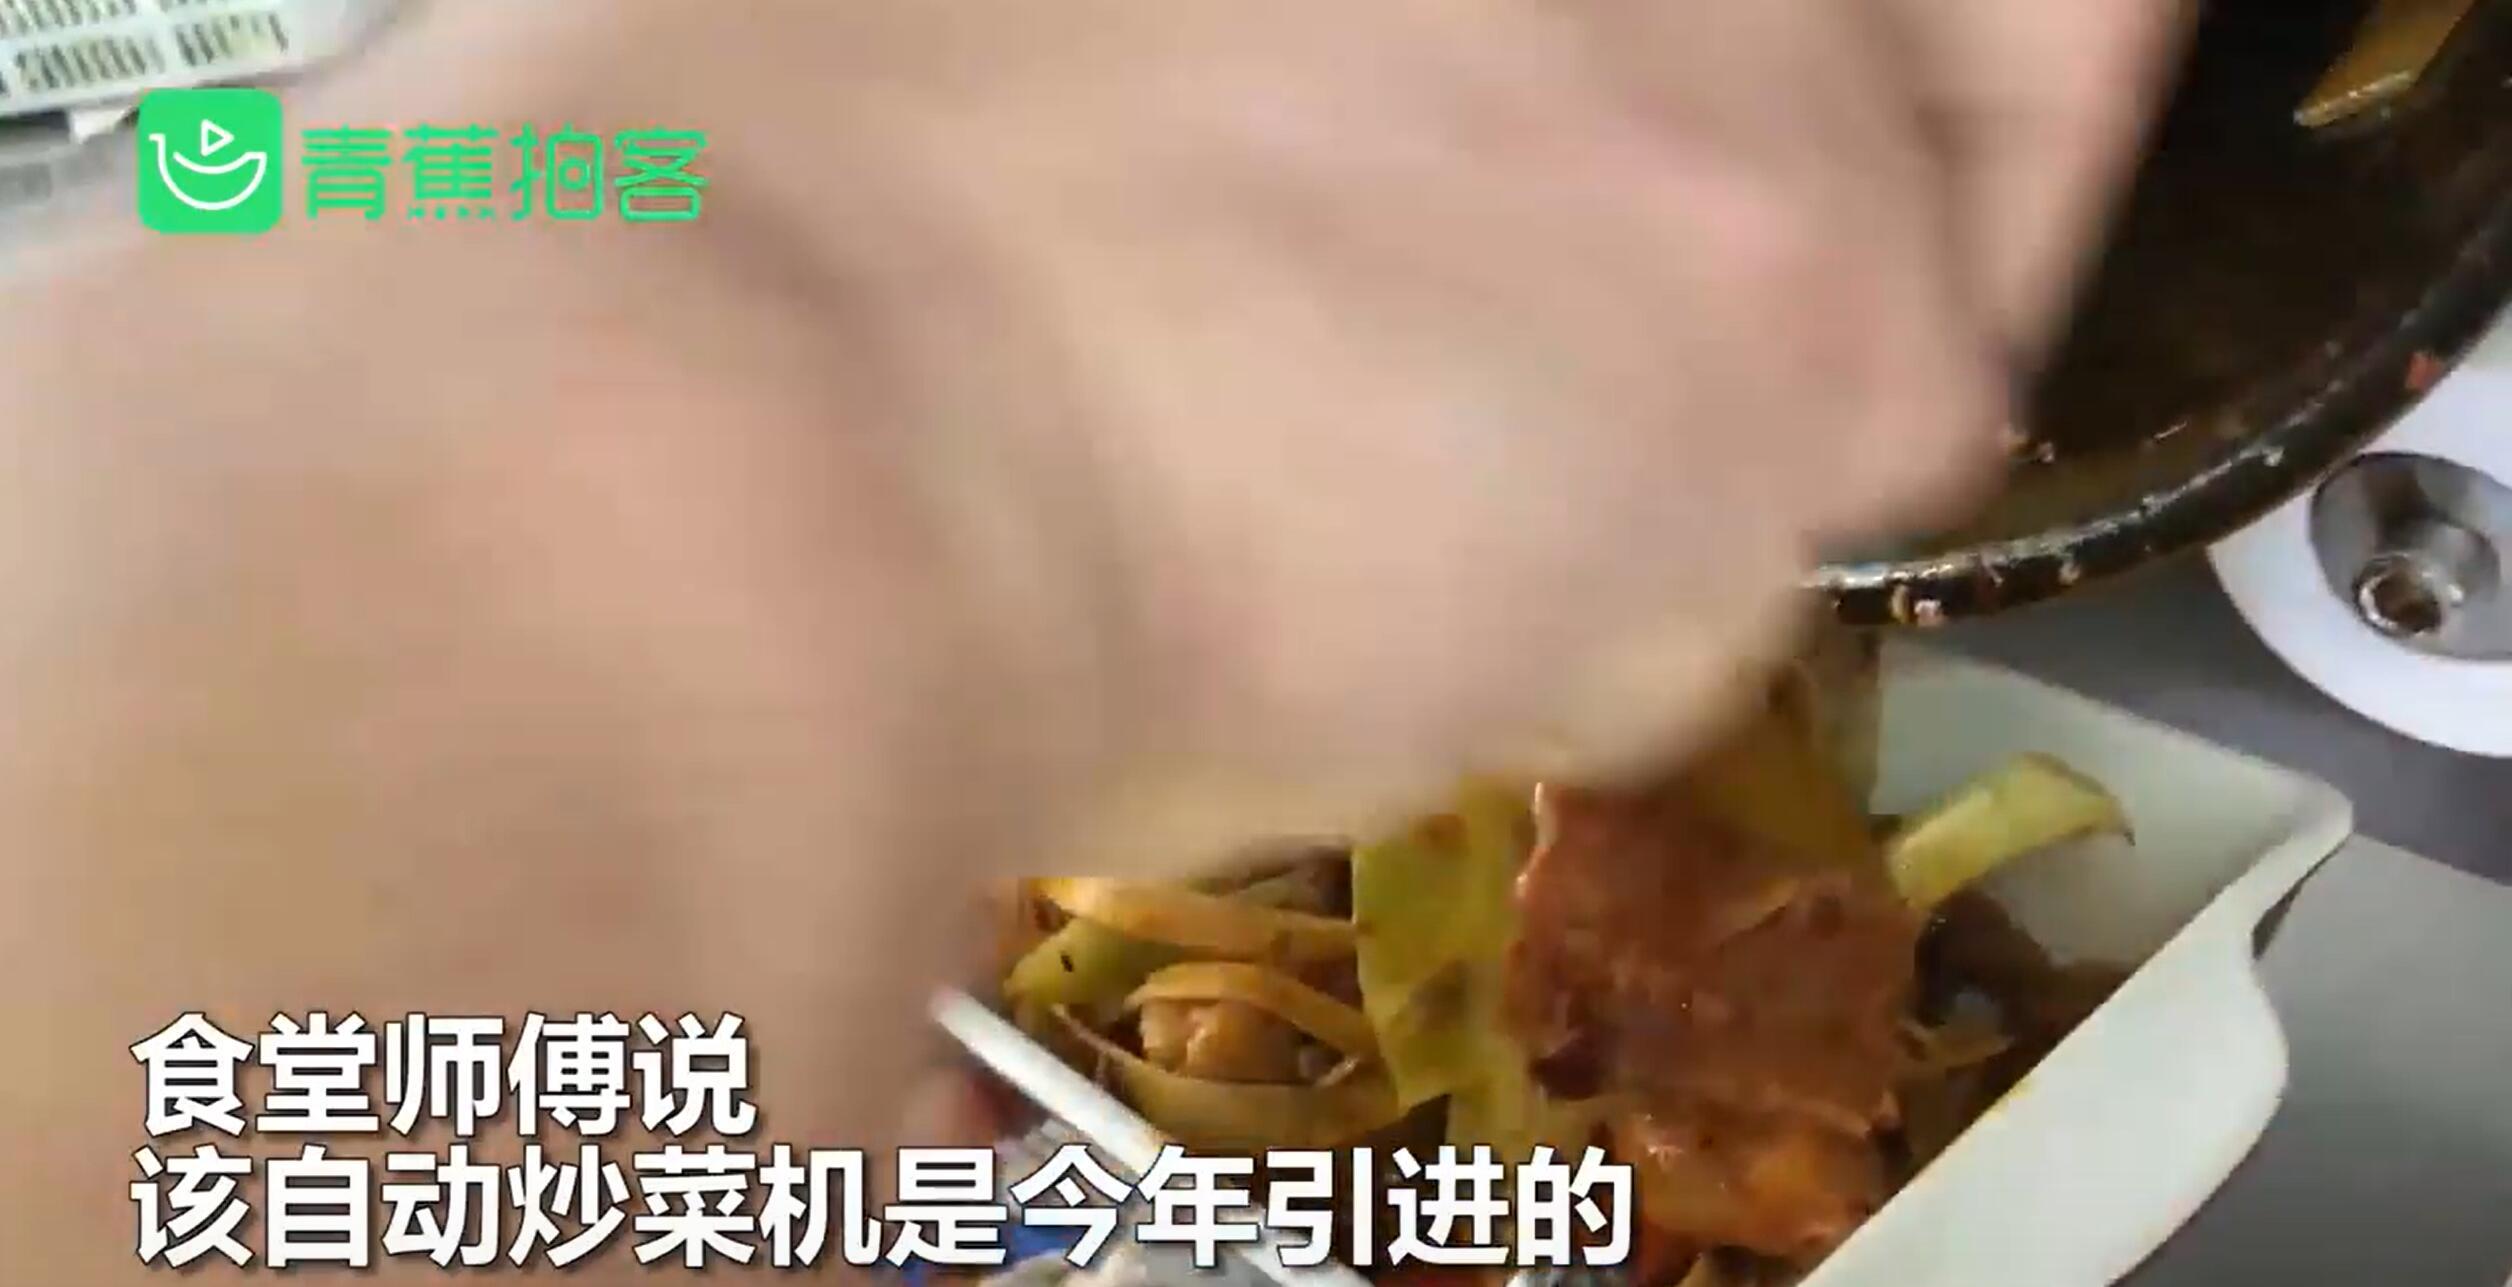 食堂炒菜机30秒可出餐,学生:味道还行,但没灵魂